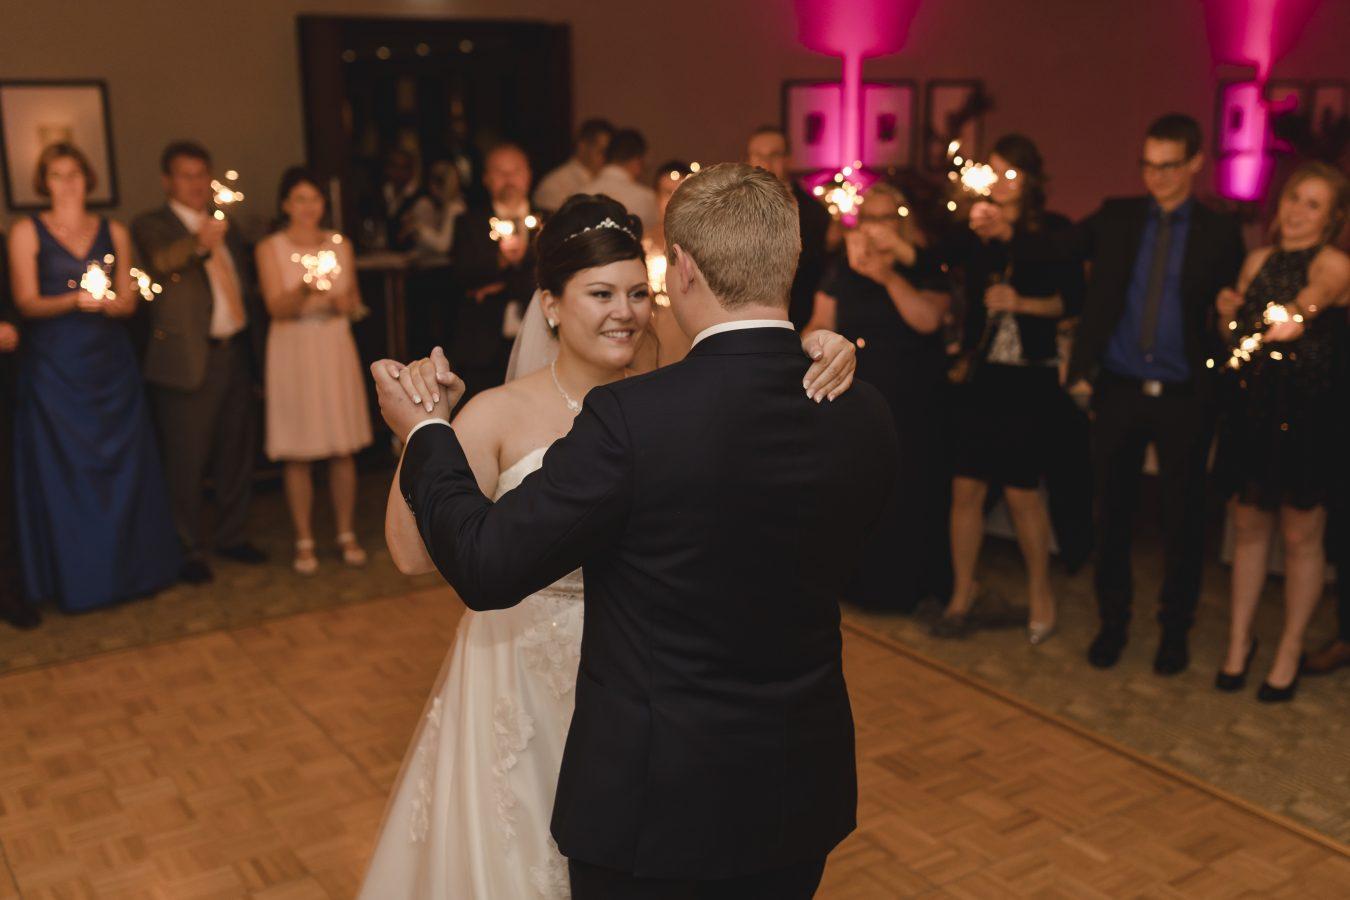 Hochzeitsfotograf Hamburg - Brautpaar beim ersten Tanz